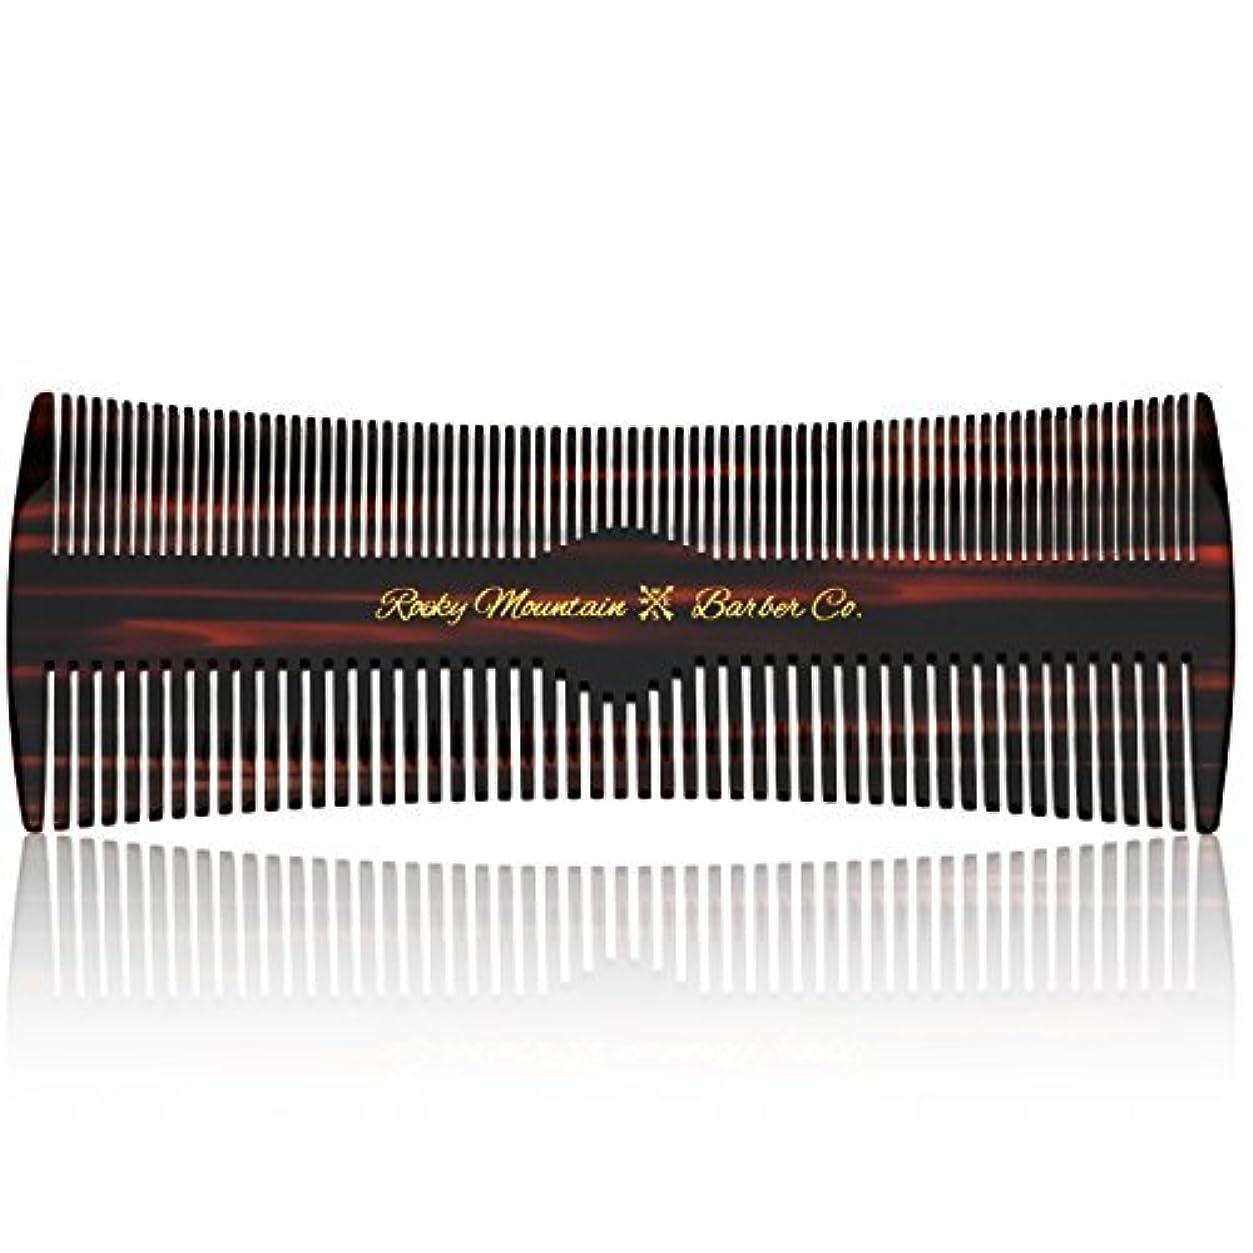 ペルセウス巻き取りあいさつHair Comb - Fine and Medium Tooth Comb for Head Hair, Beard, Mustache - Warp Resistant, No Snag Design with Contour...